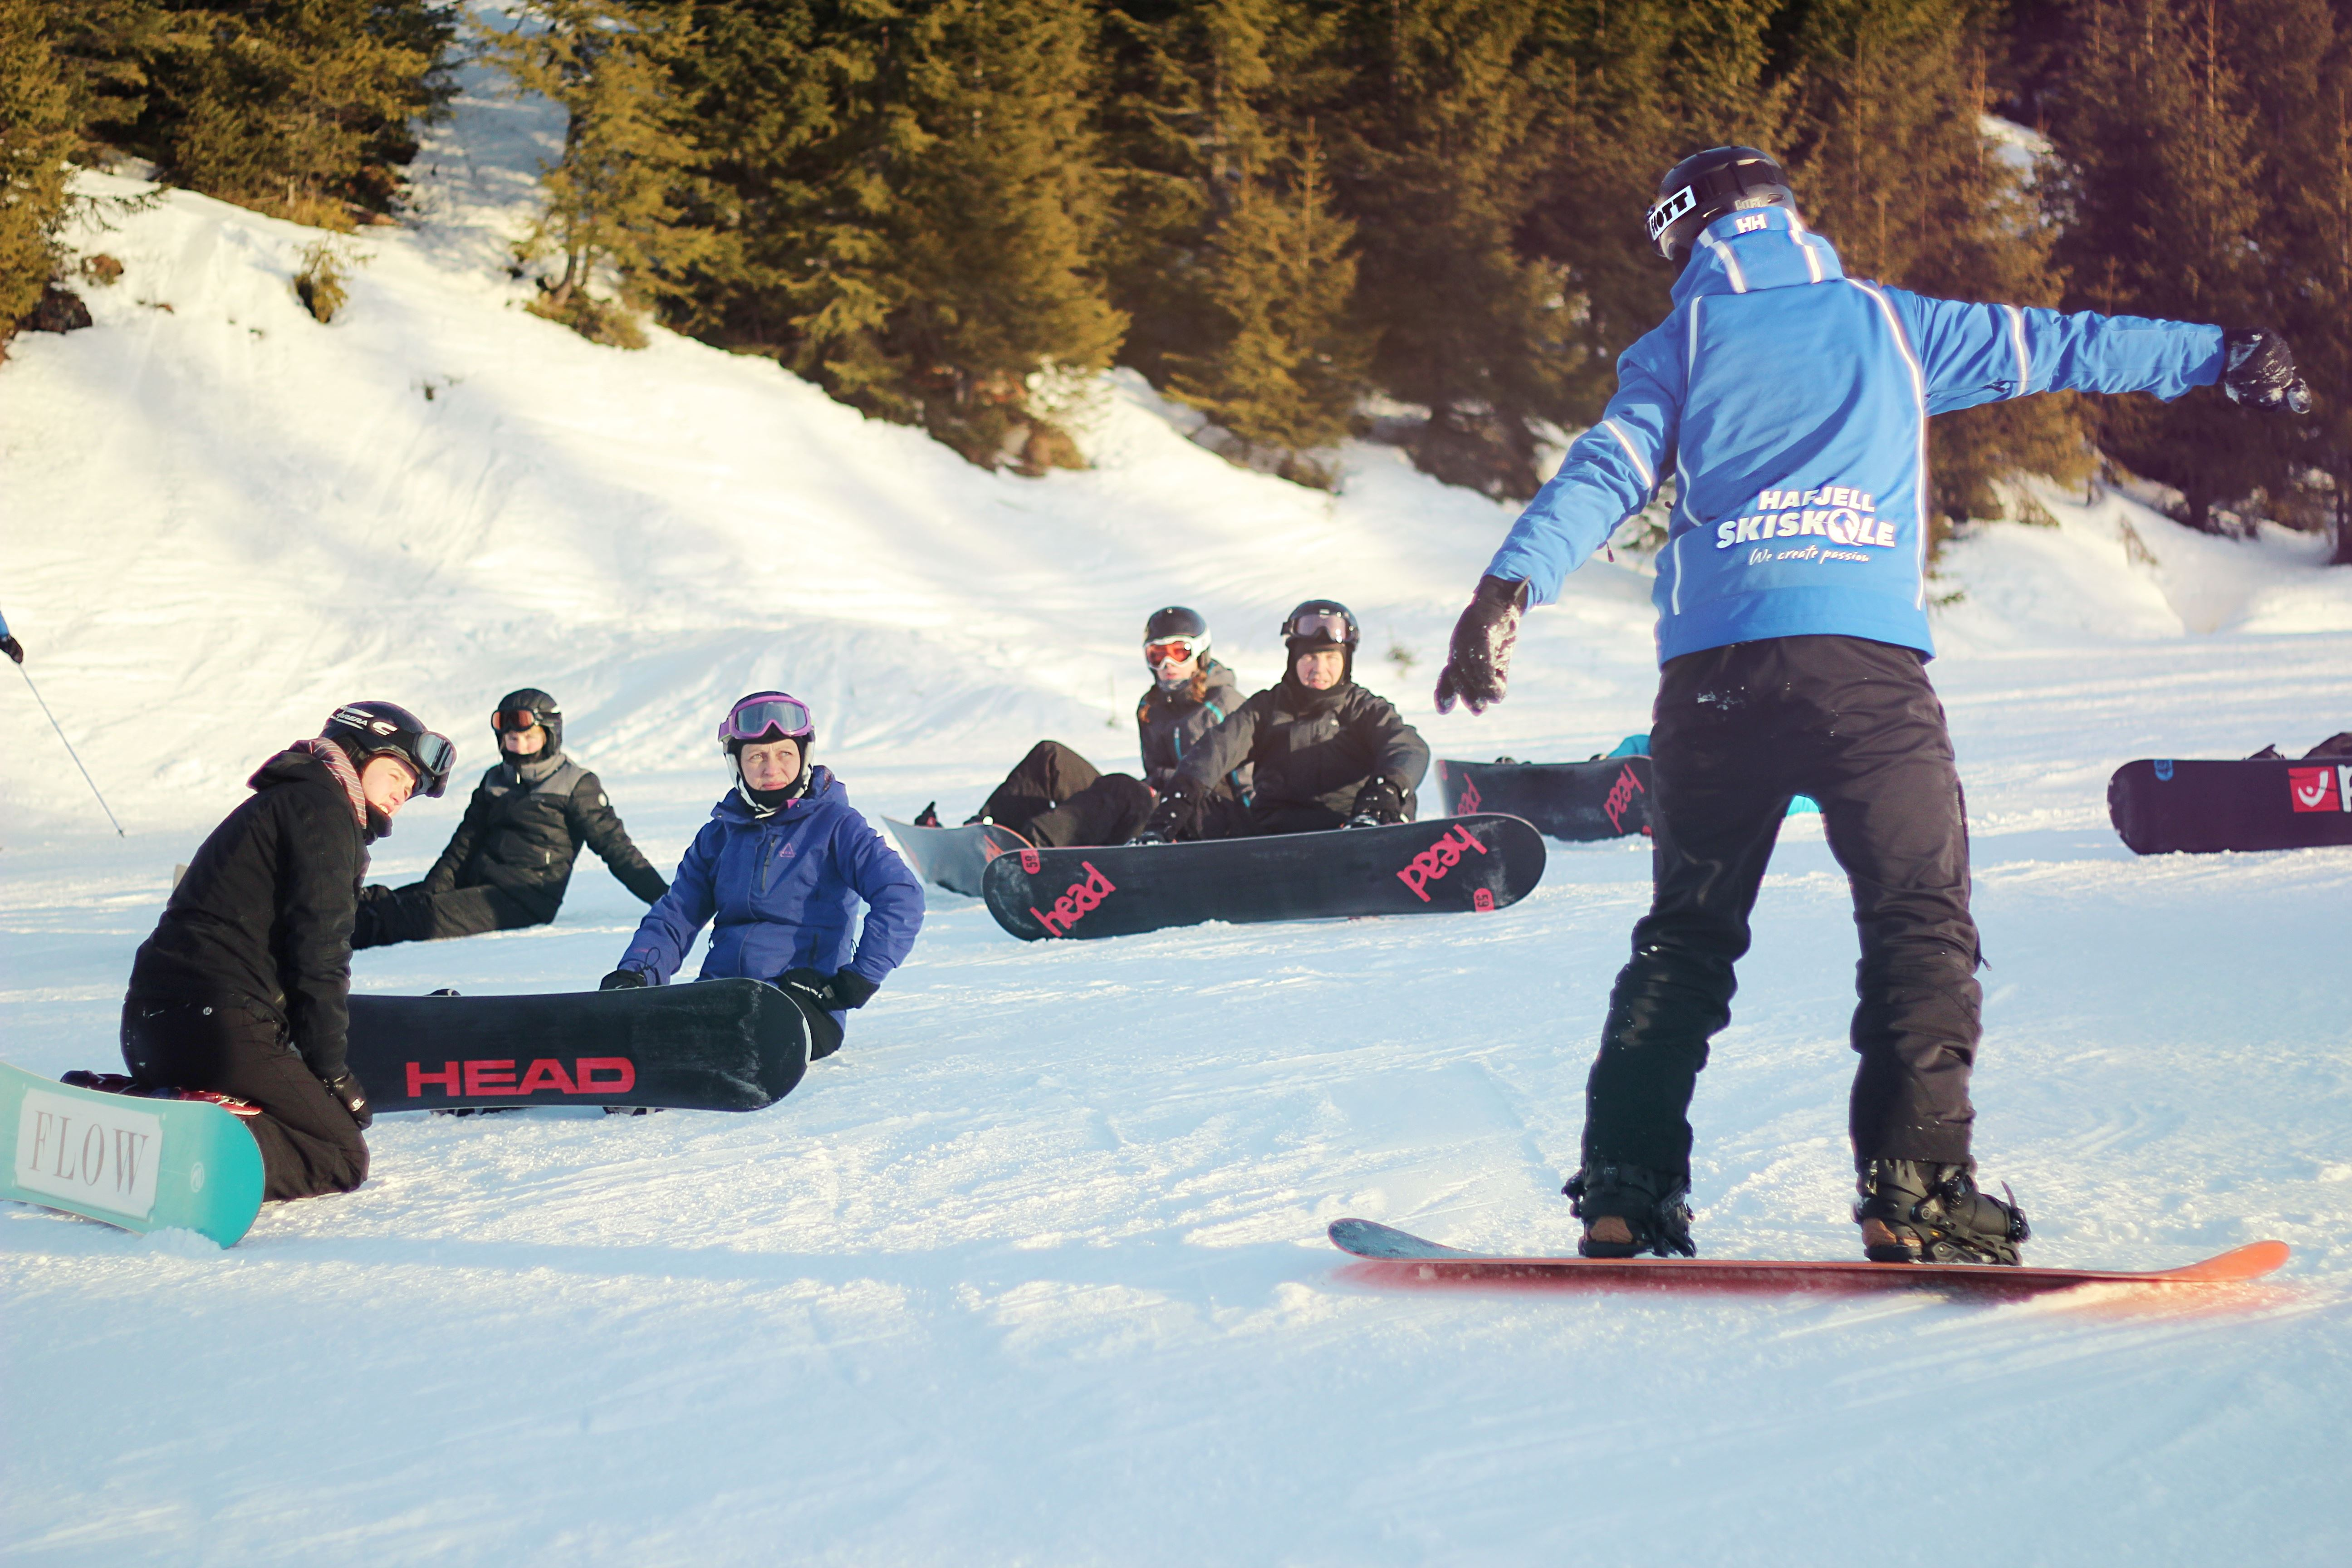 Grupper Snowboard 8-15 år